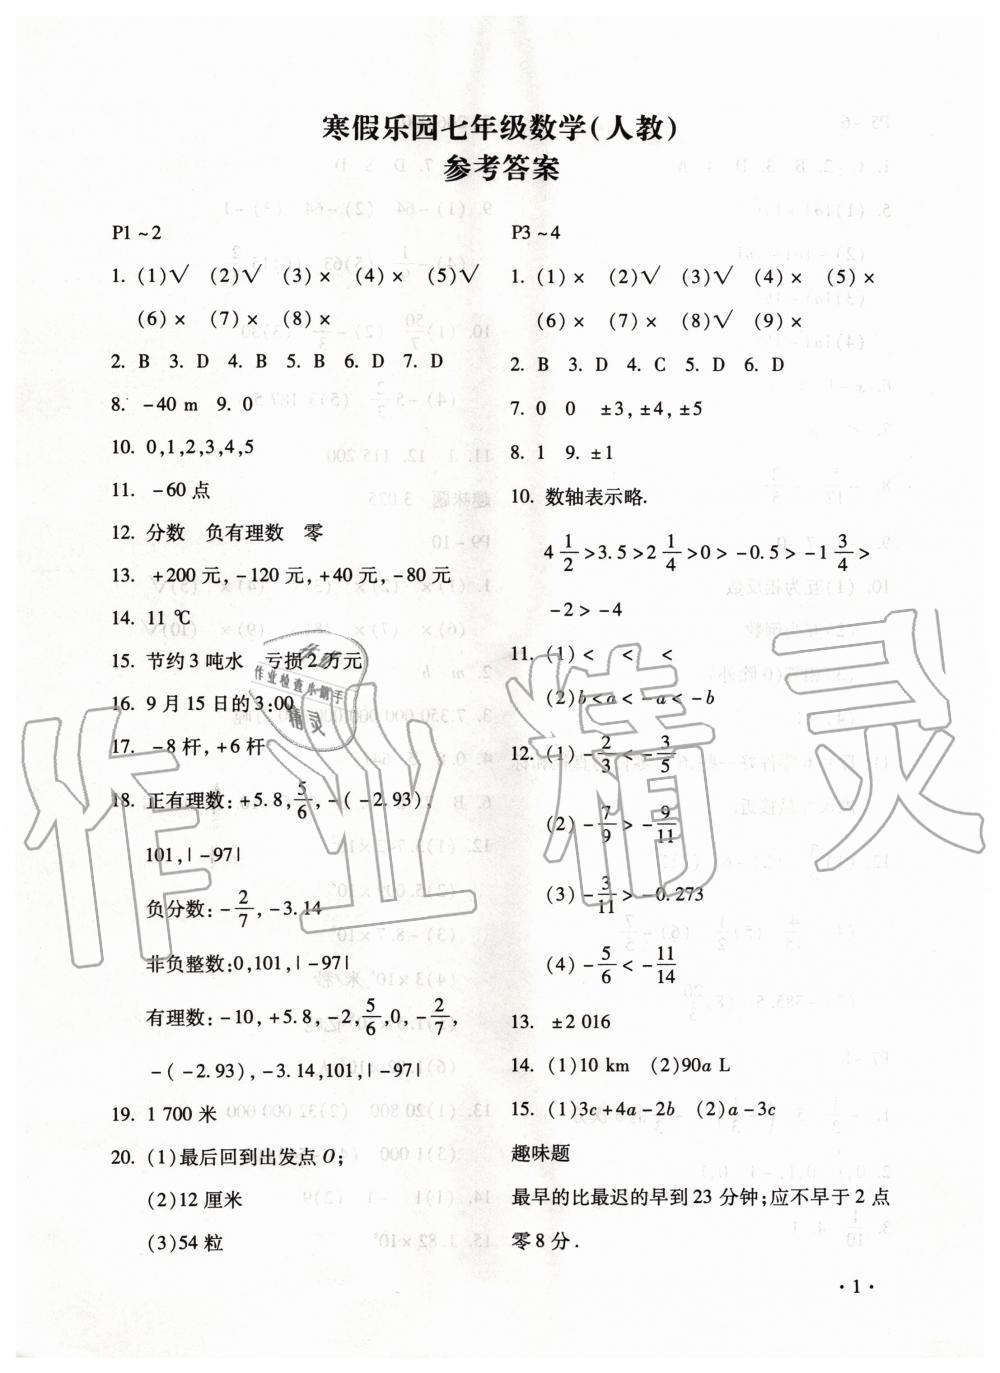 2020年寒假乐园七年级数学人教版河南专用北京教育出版社第1页